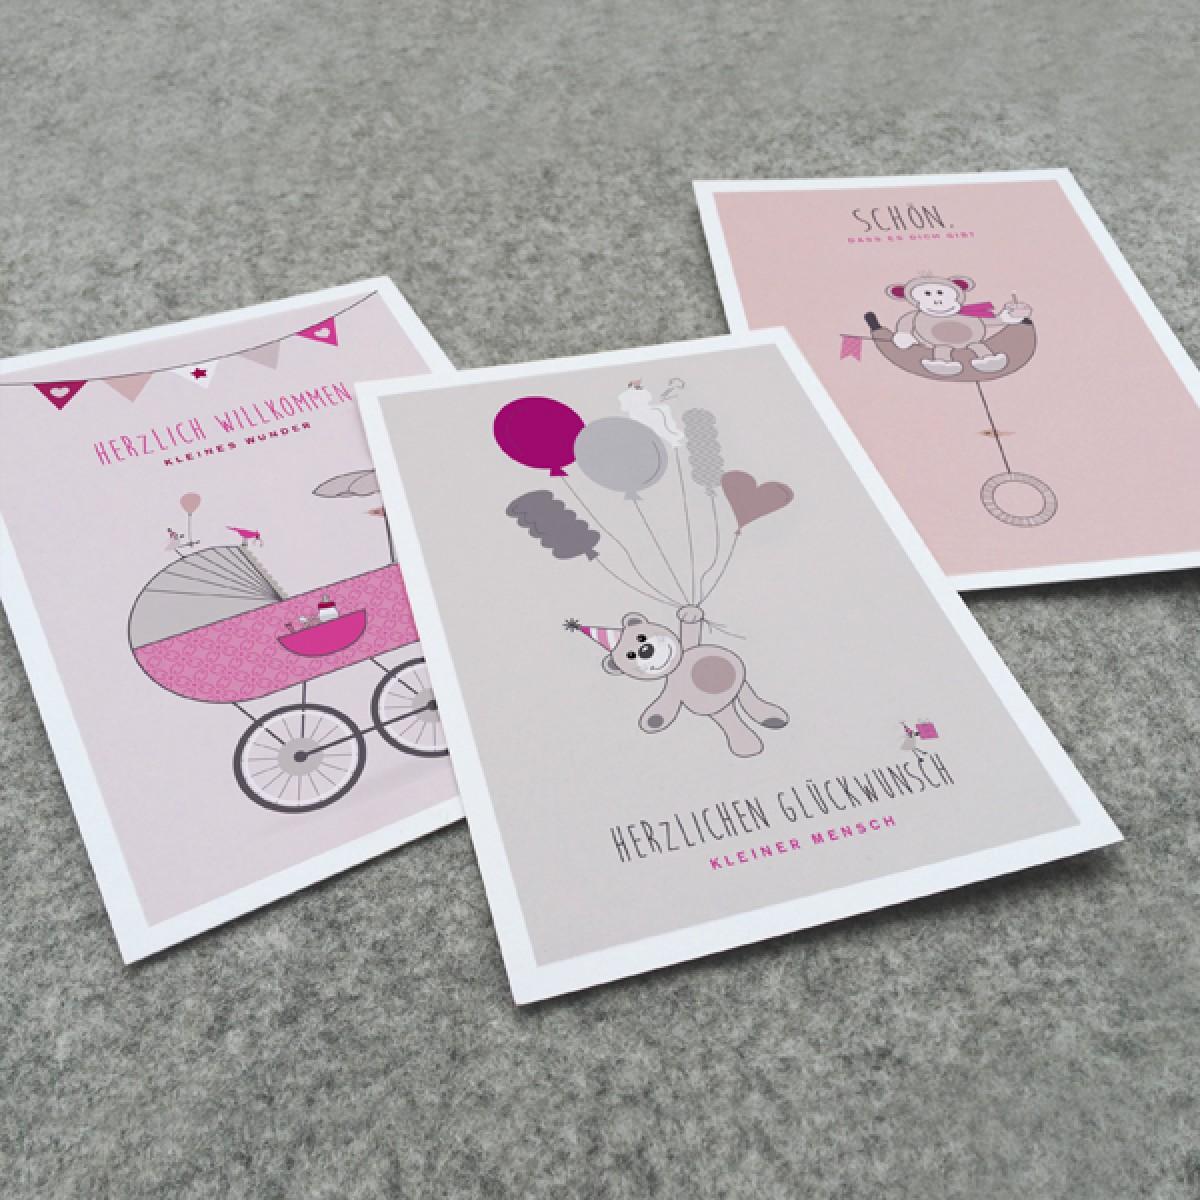 kleiner mensch Kartenset – 3 Stück (Mädchen)